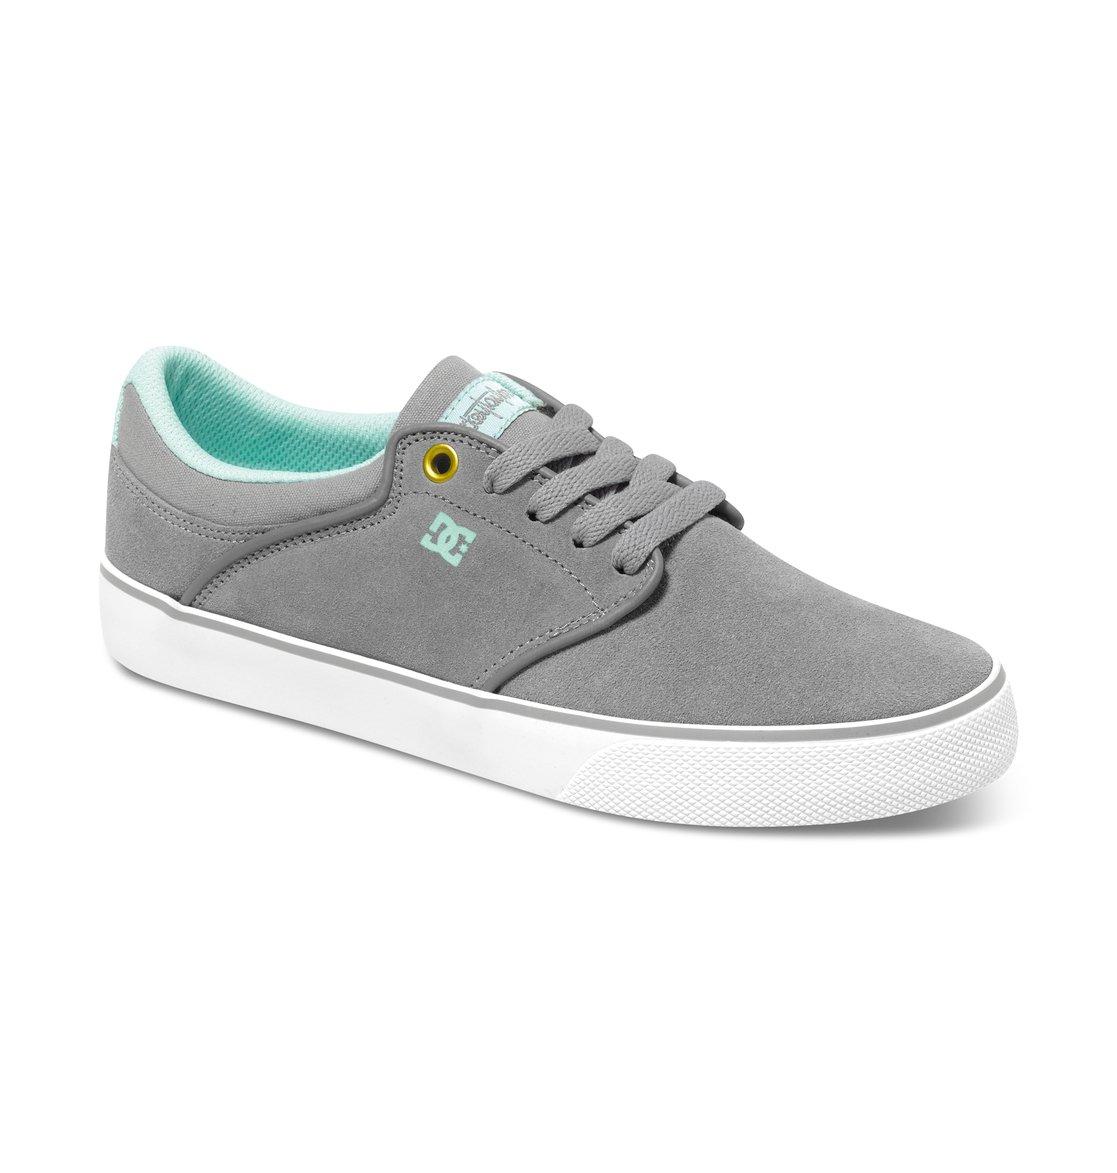 Zapatos DC Shoes para mujer GM7FrUvj